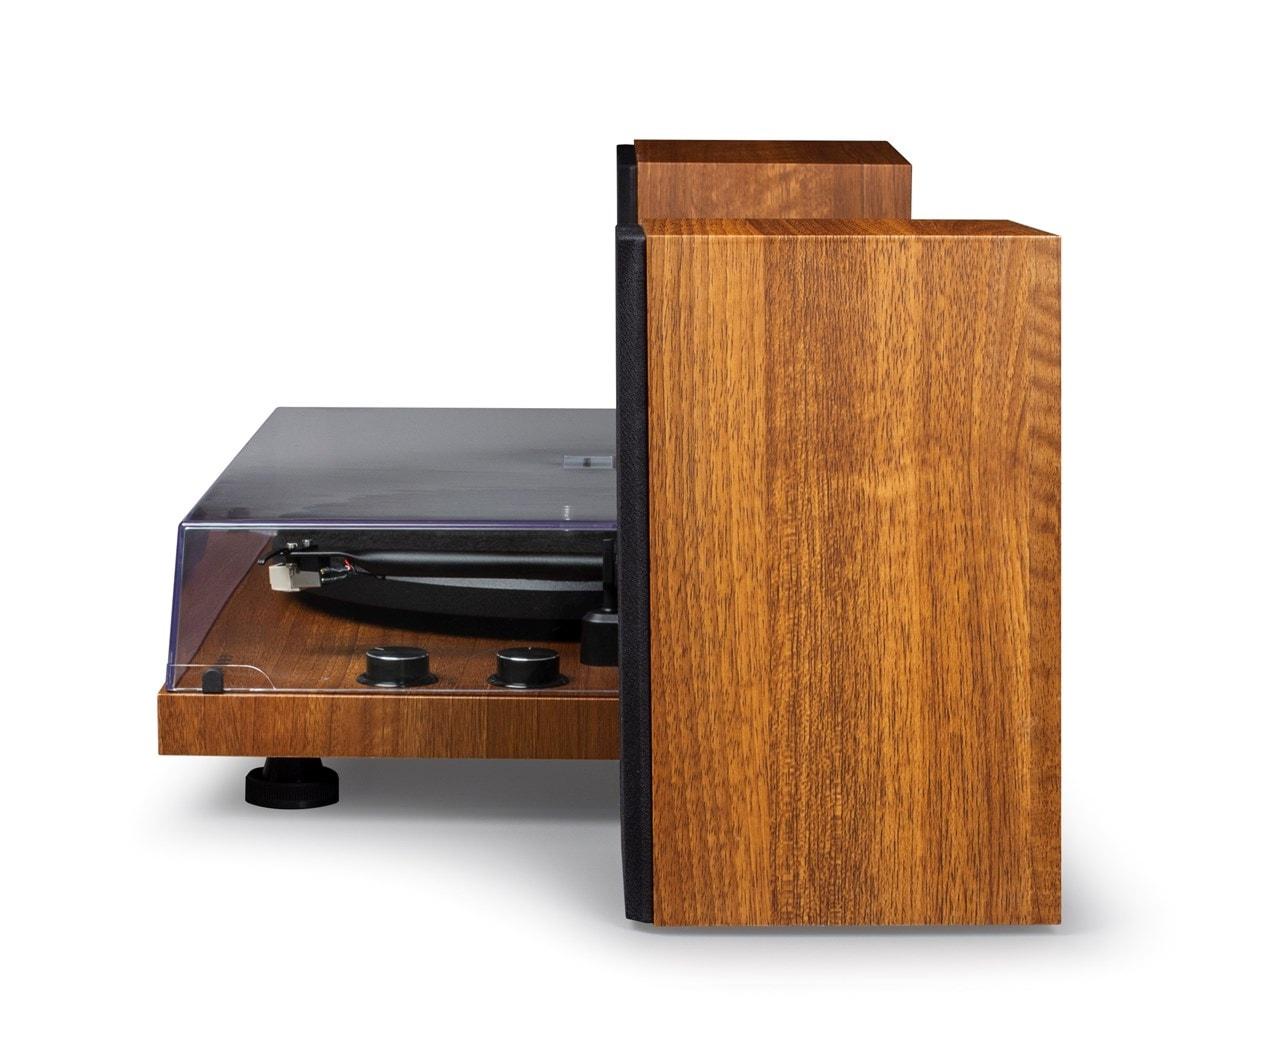 Crosley C62 Walnut Turntable & Speakers - 4